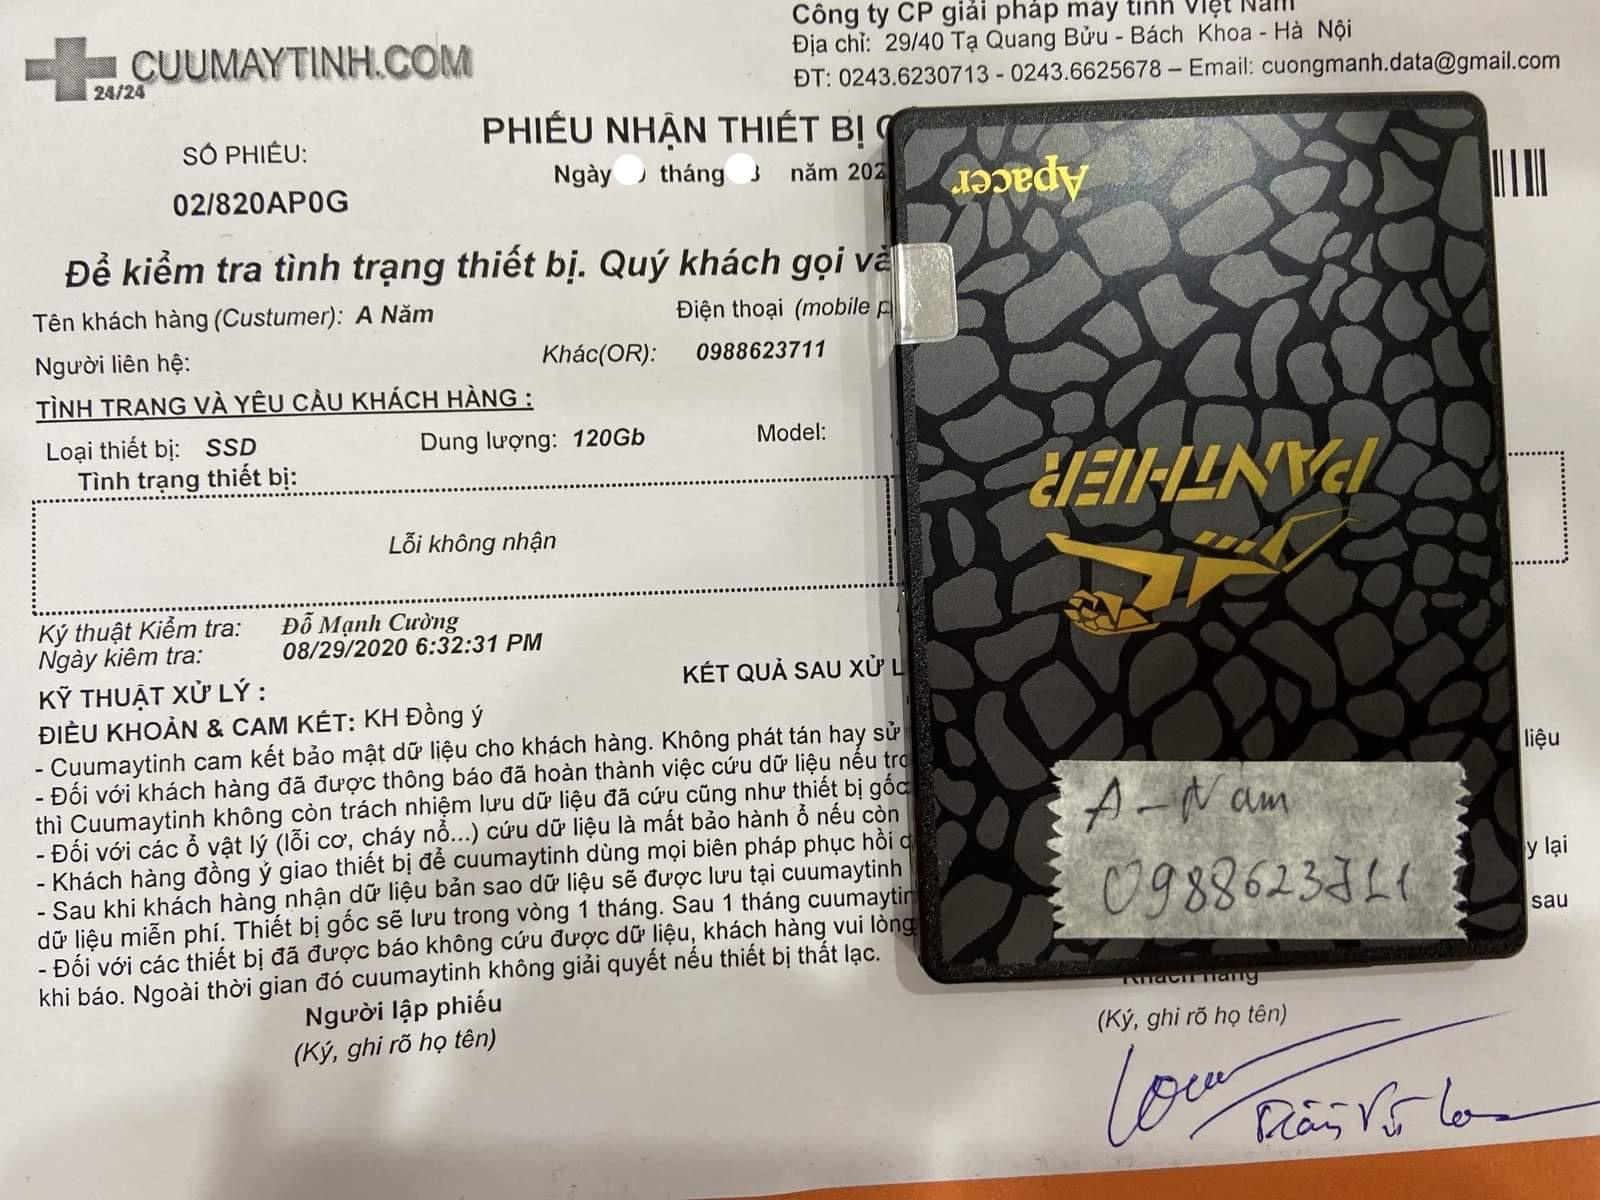 Cứu dữ liệu ổ cứng SSD Apacer 120GB không nhận 16/09/2020 - cuumaytinh